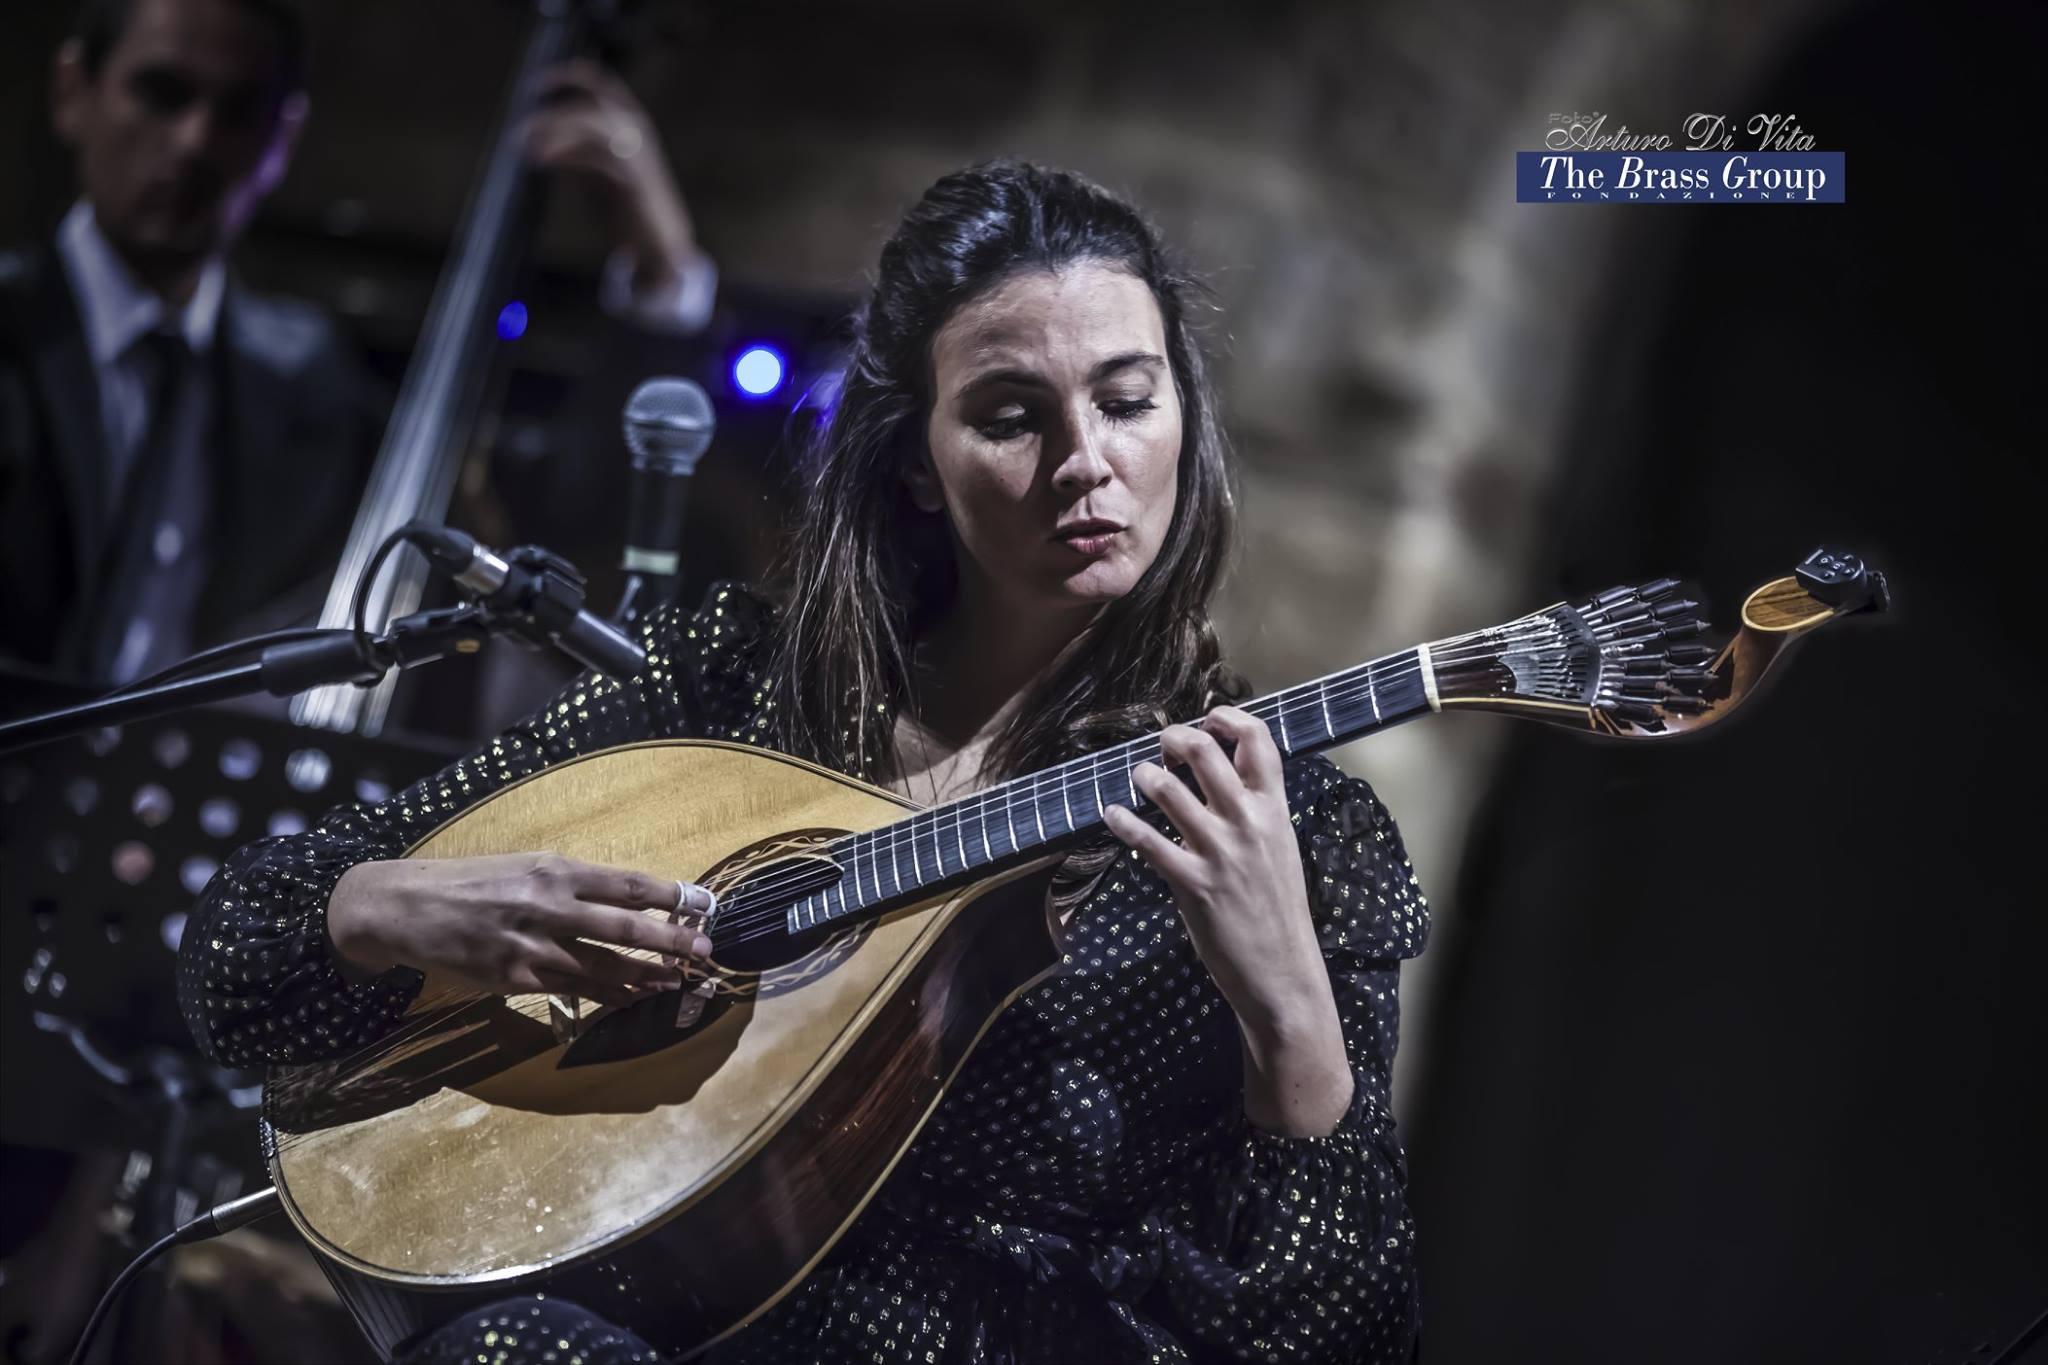 Marta Pereira da Costa Italy  11